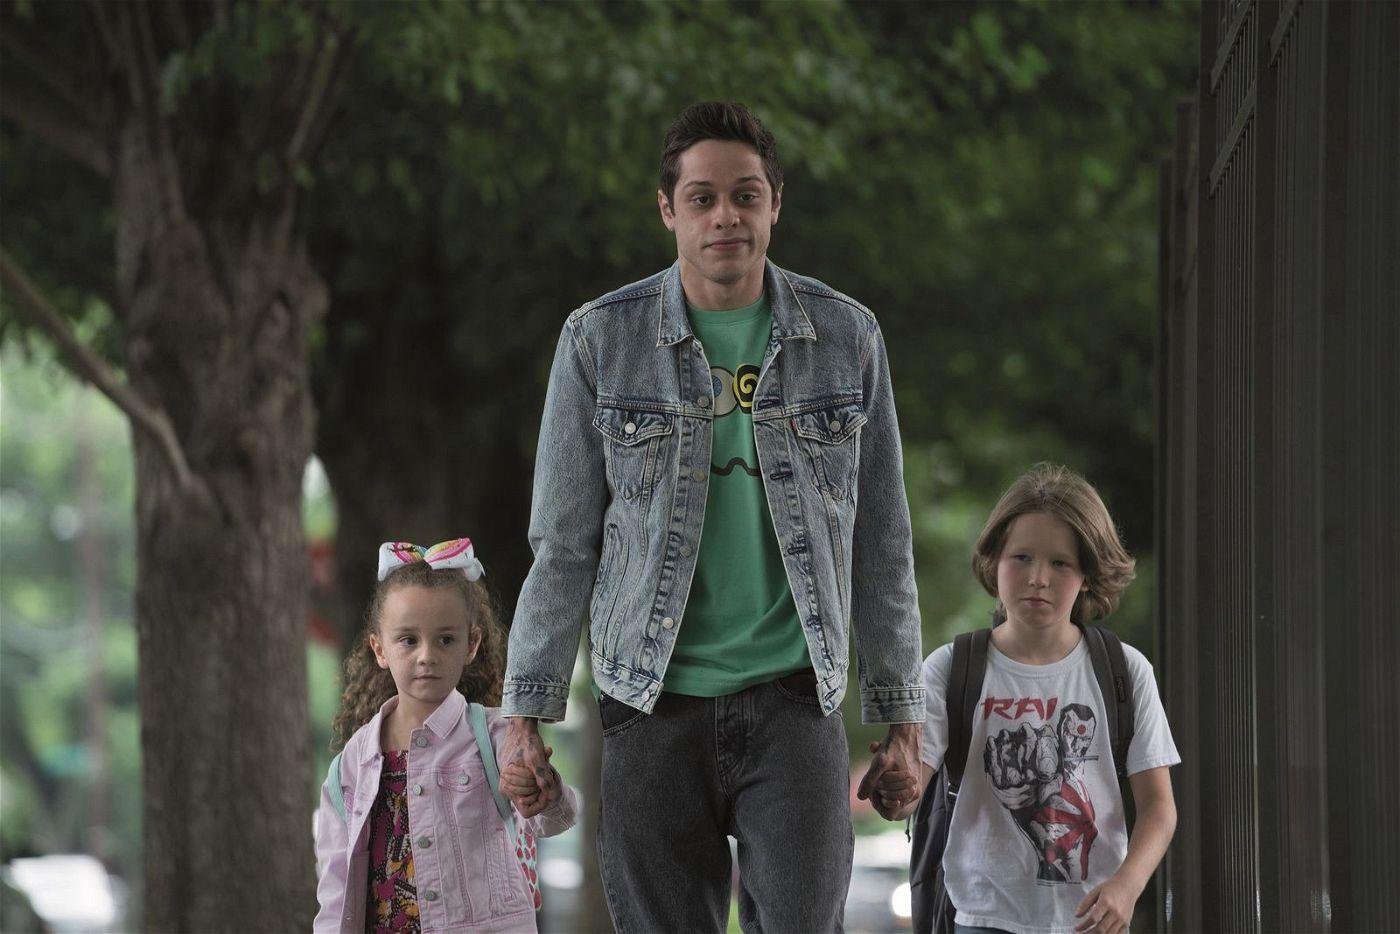 Weil seine Mutter den Feuerwehrmann Ray datet, muss Scott (Pete Davidson, Mitte) fortan dessen Kinder Kelly (Alexis Rae Forlenza) und Harold (Luke David Blumm) zur Schule bringen.